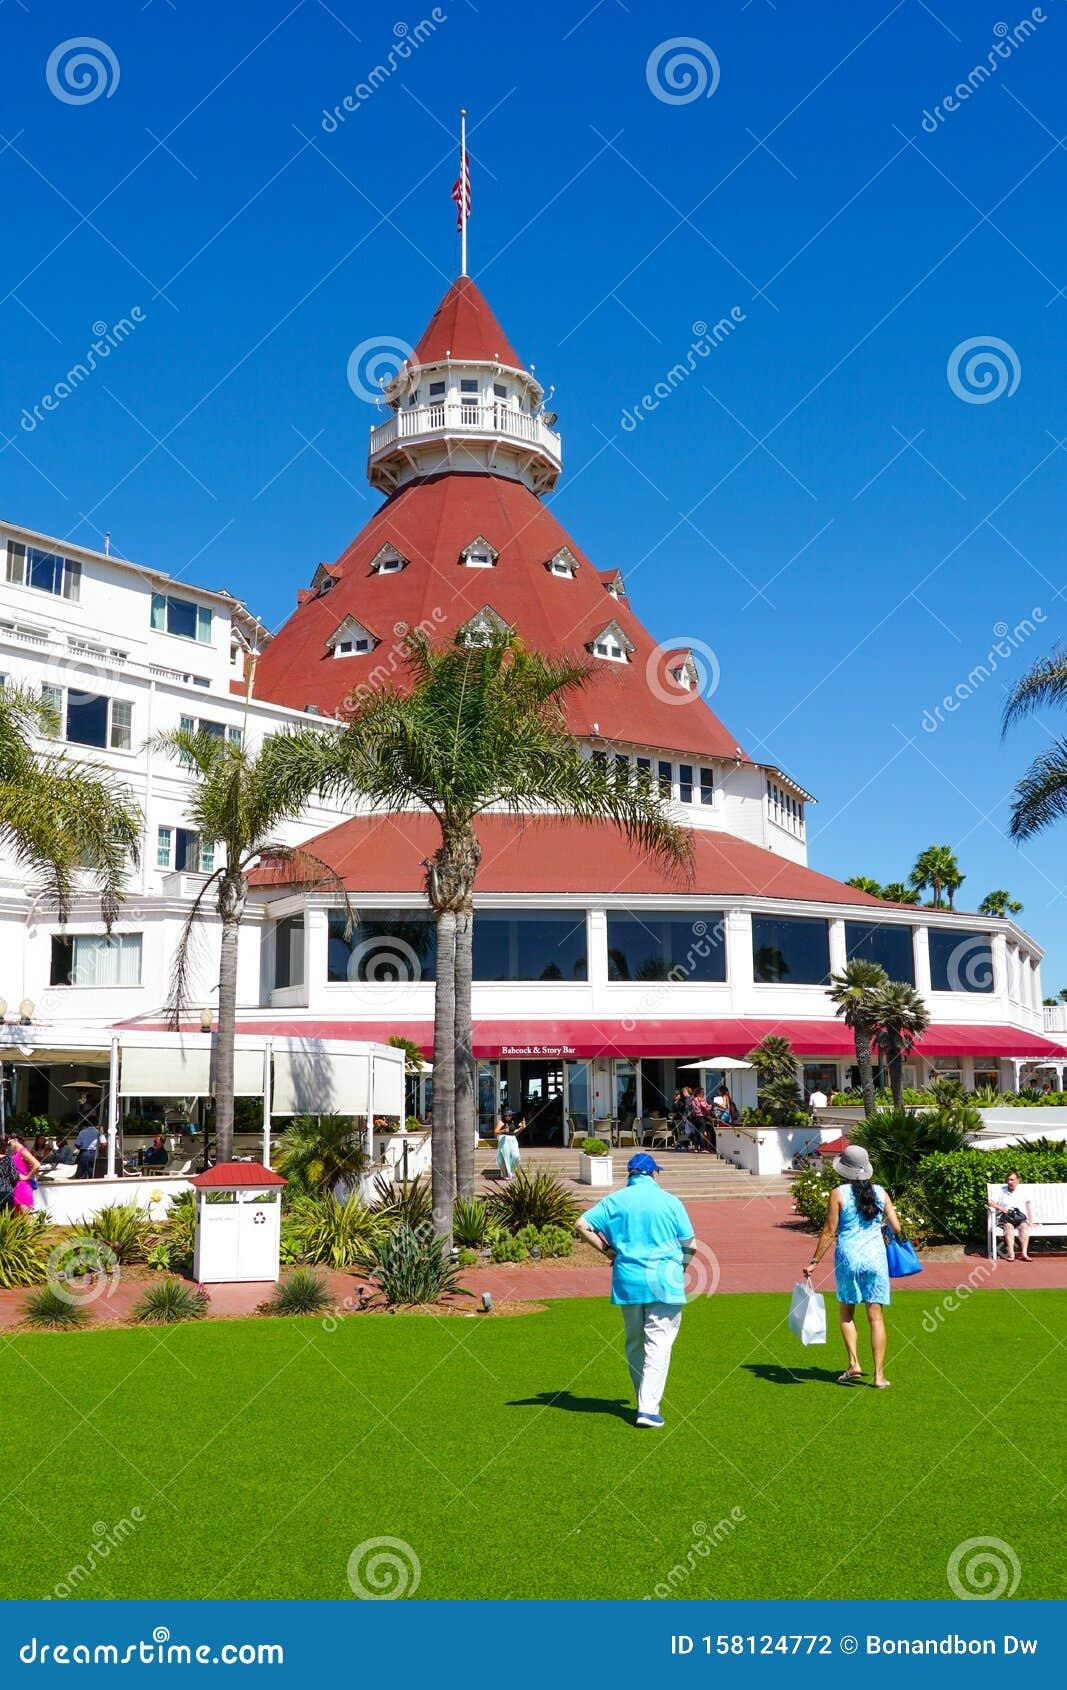 Hotel Del Coronado, San Diego, California Editorial